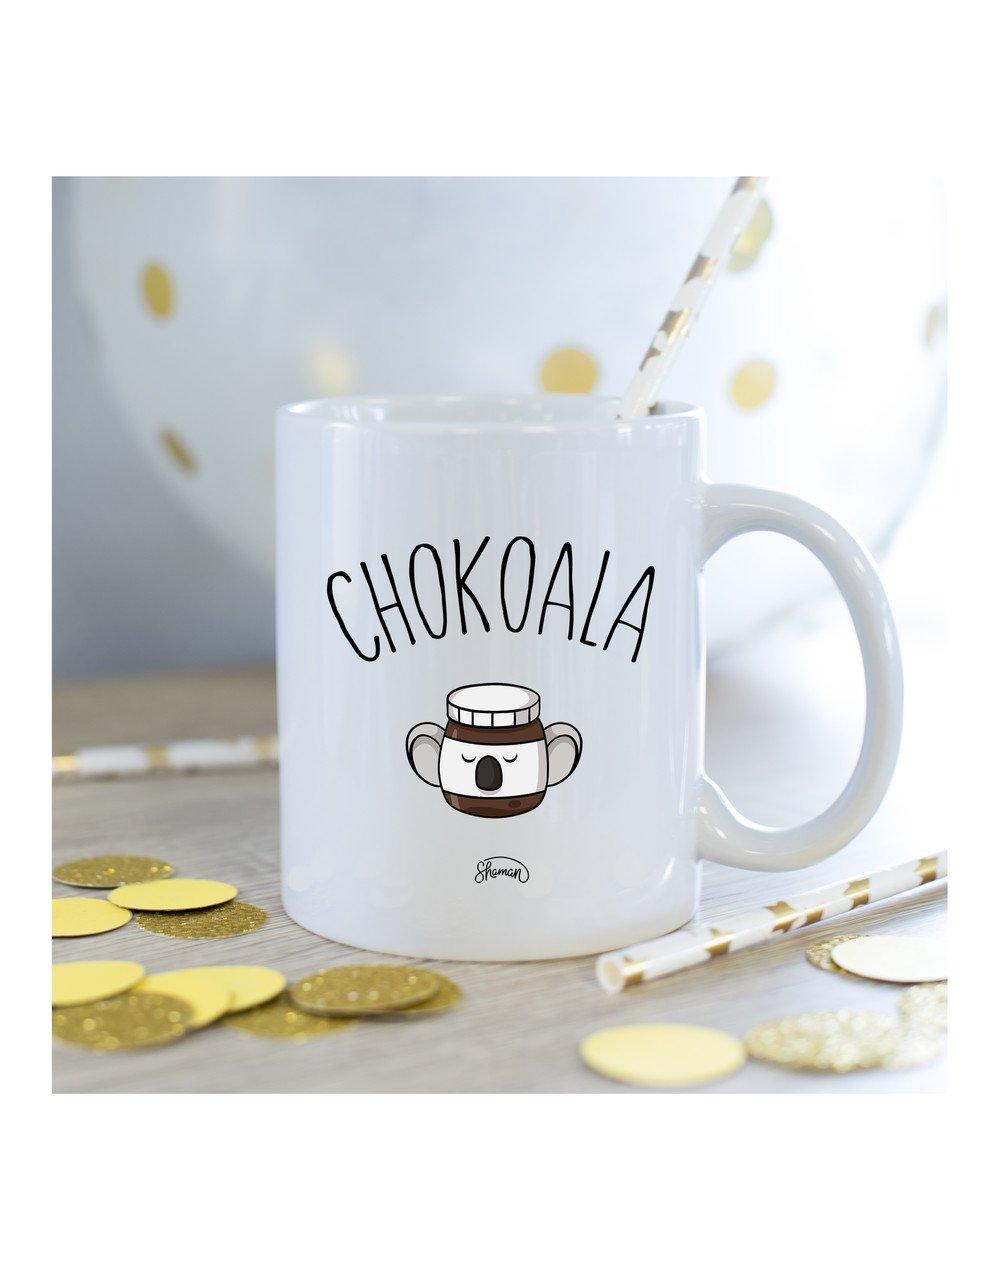 Mug Chokoala